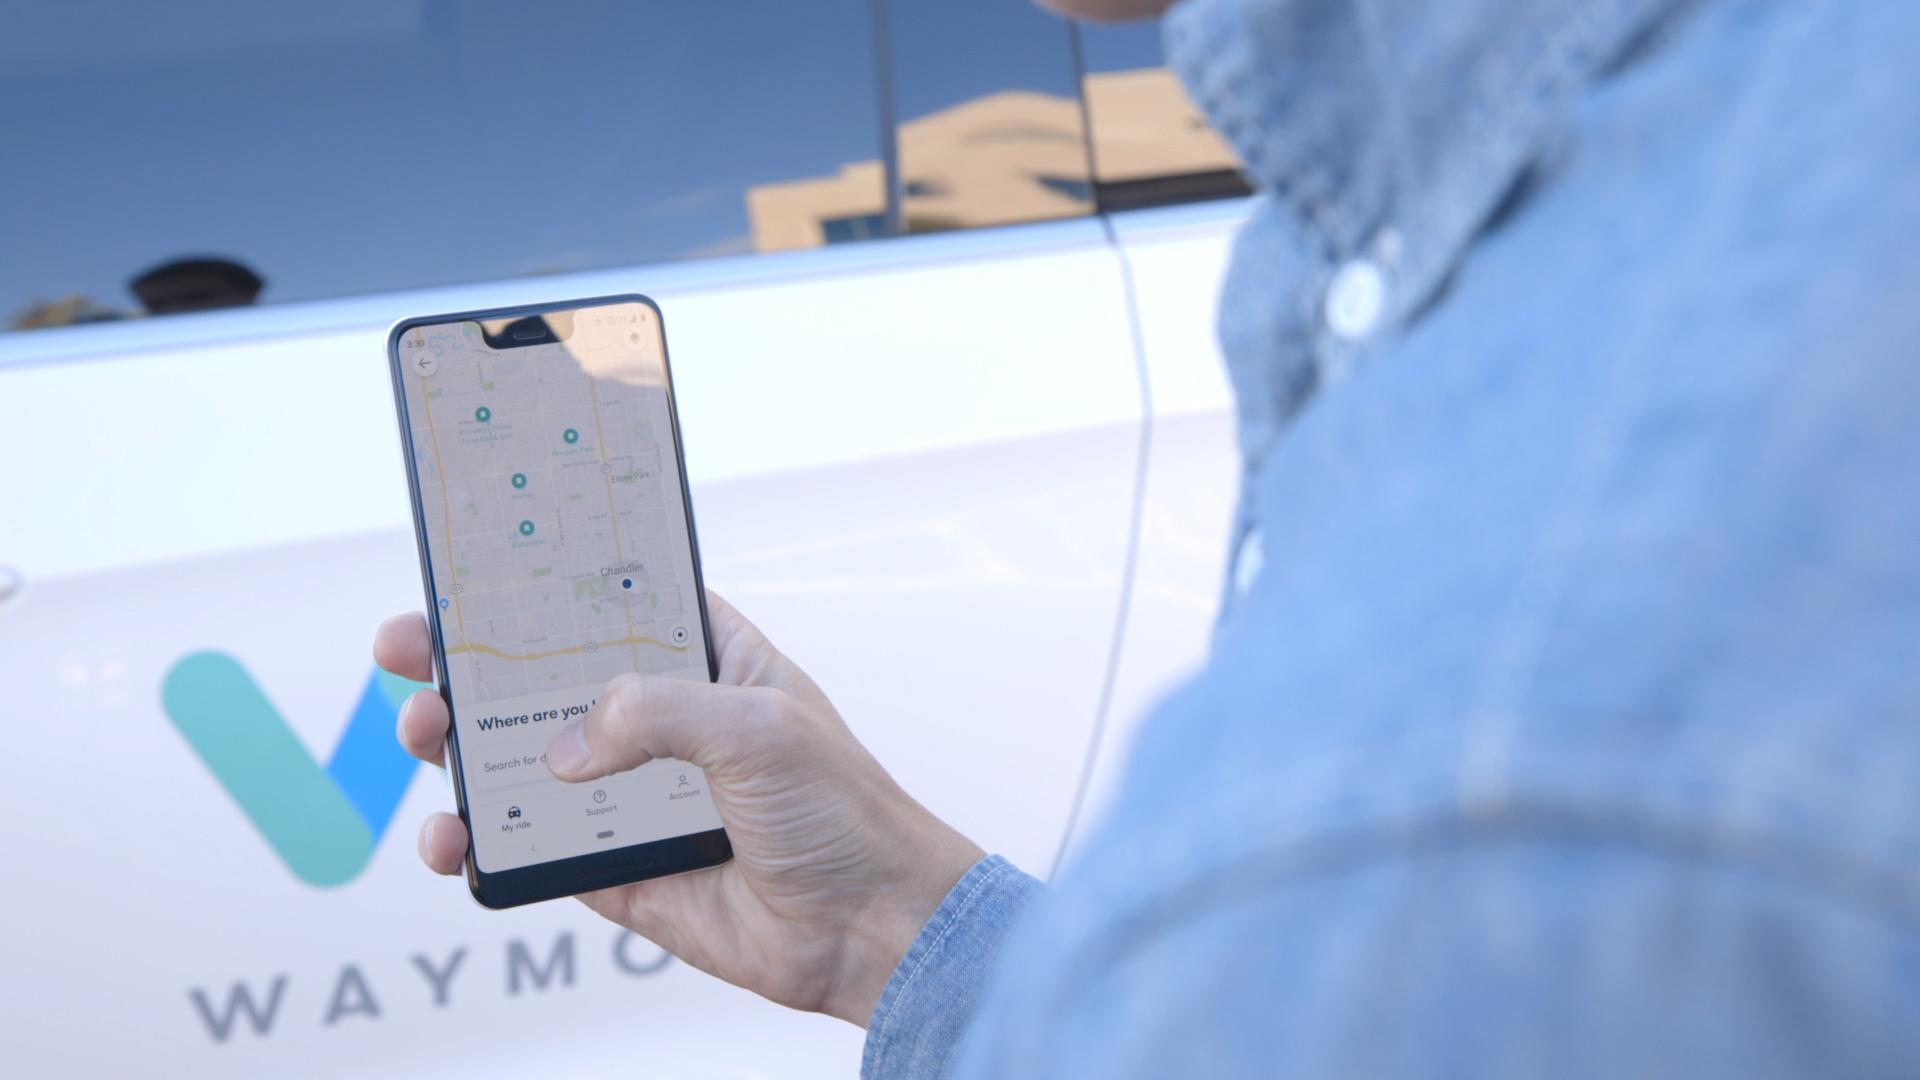 媒体体验自动驾驶出租车Waymo One:稳如老司机